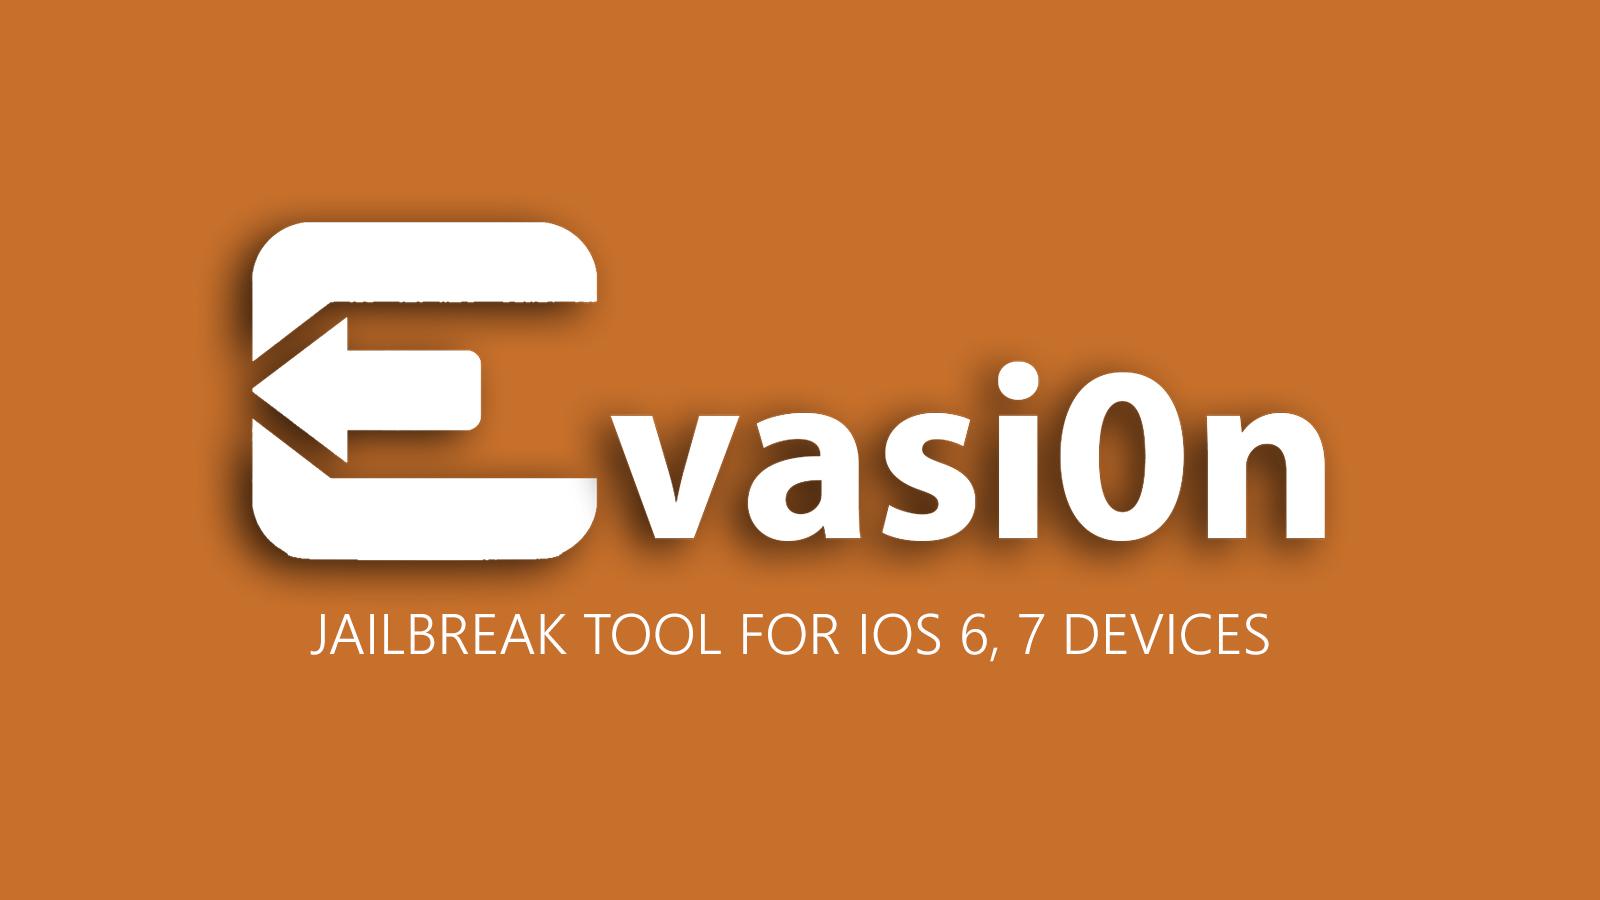 Evasi0n Jailbreak Tool